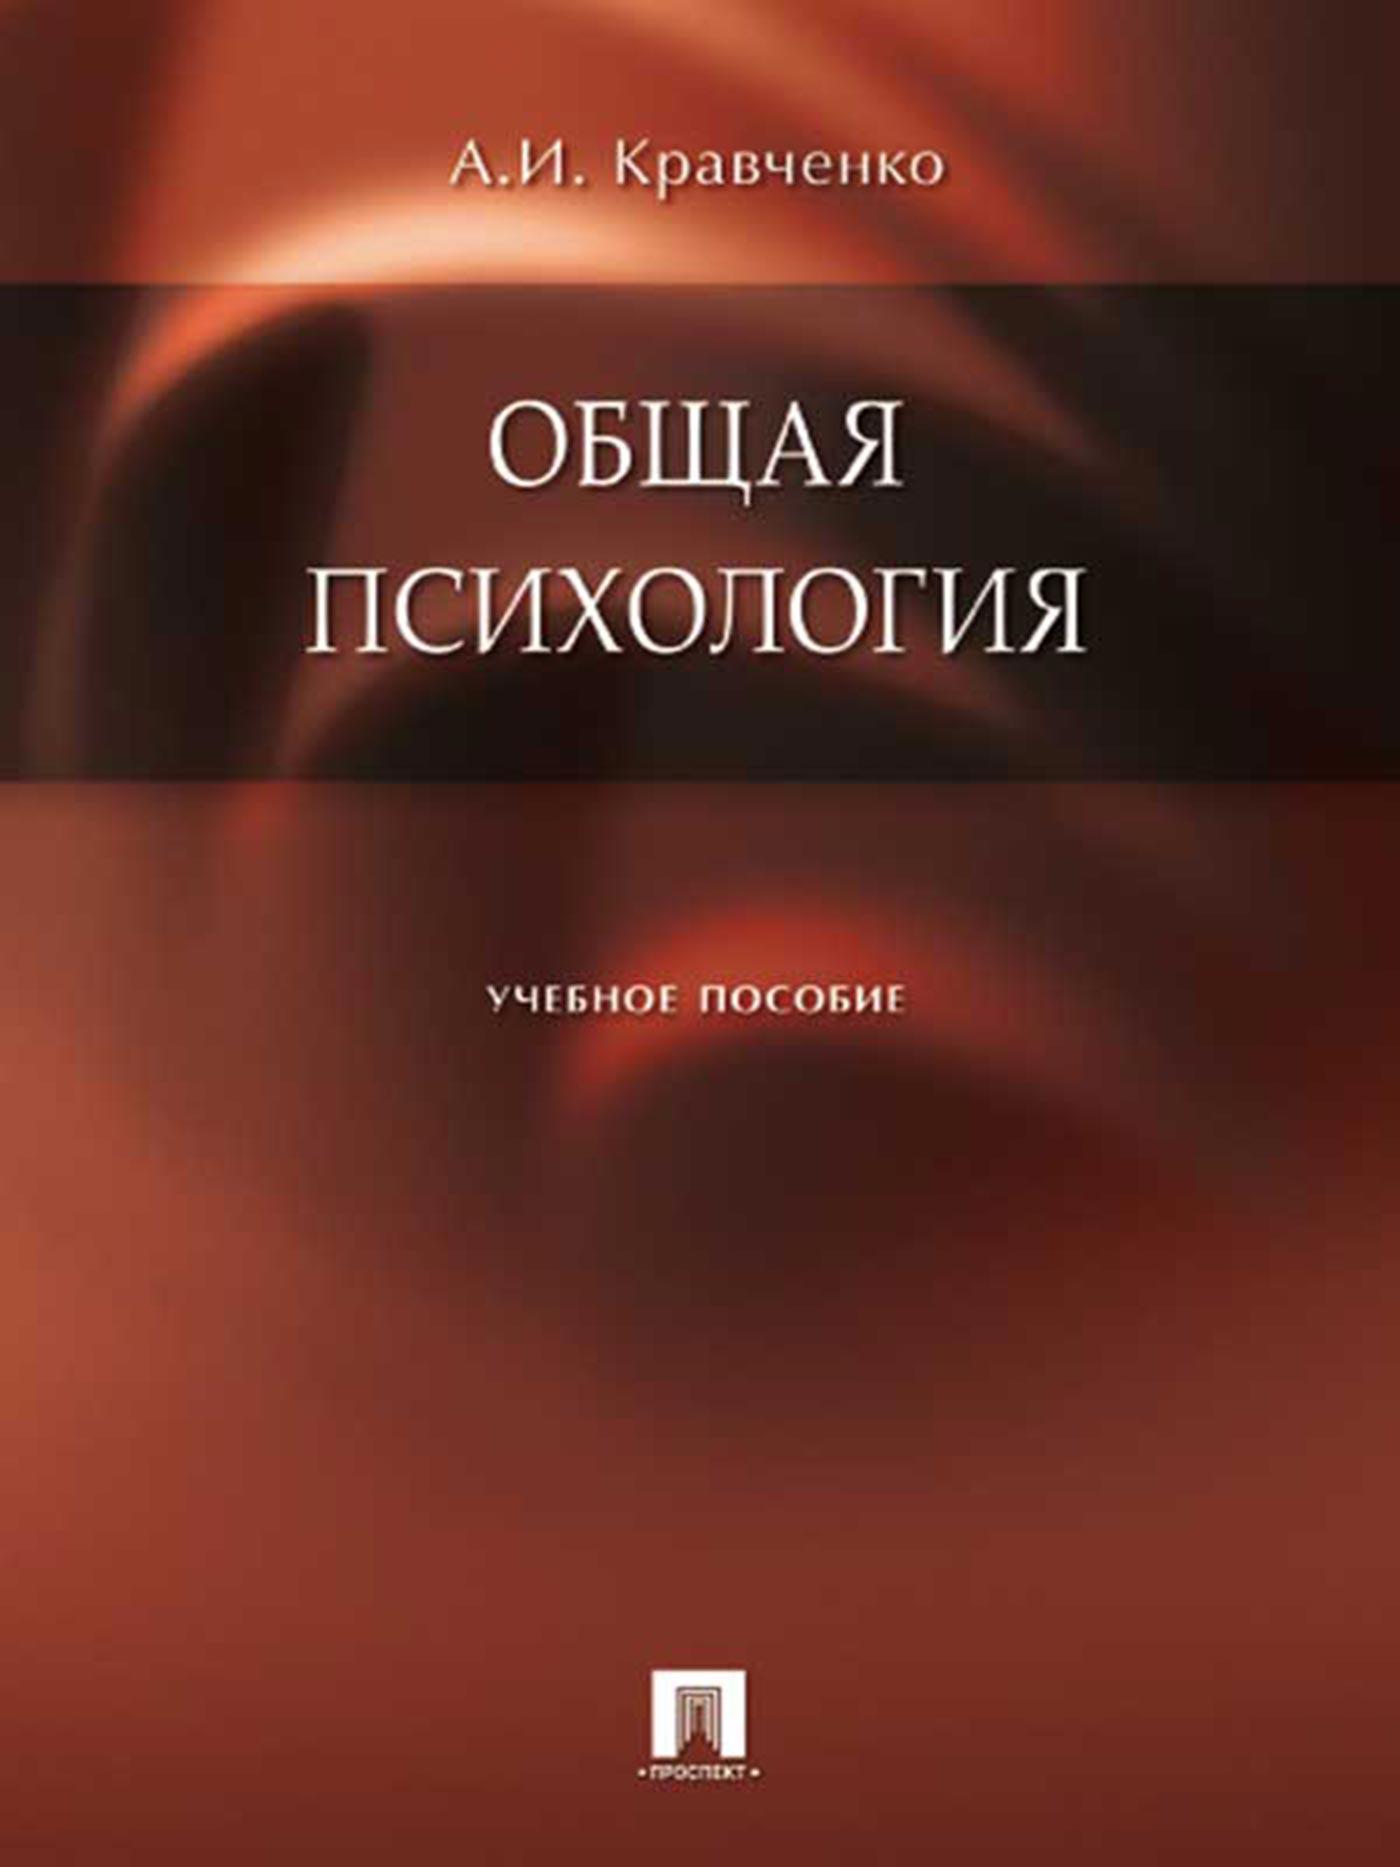 Альберт Иванович Кравченко Общая психология в д шадриков введение в психологию эмоции и чувства